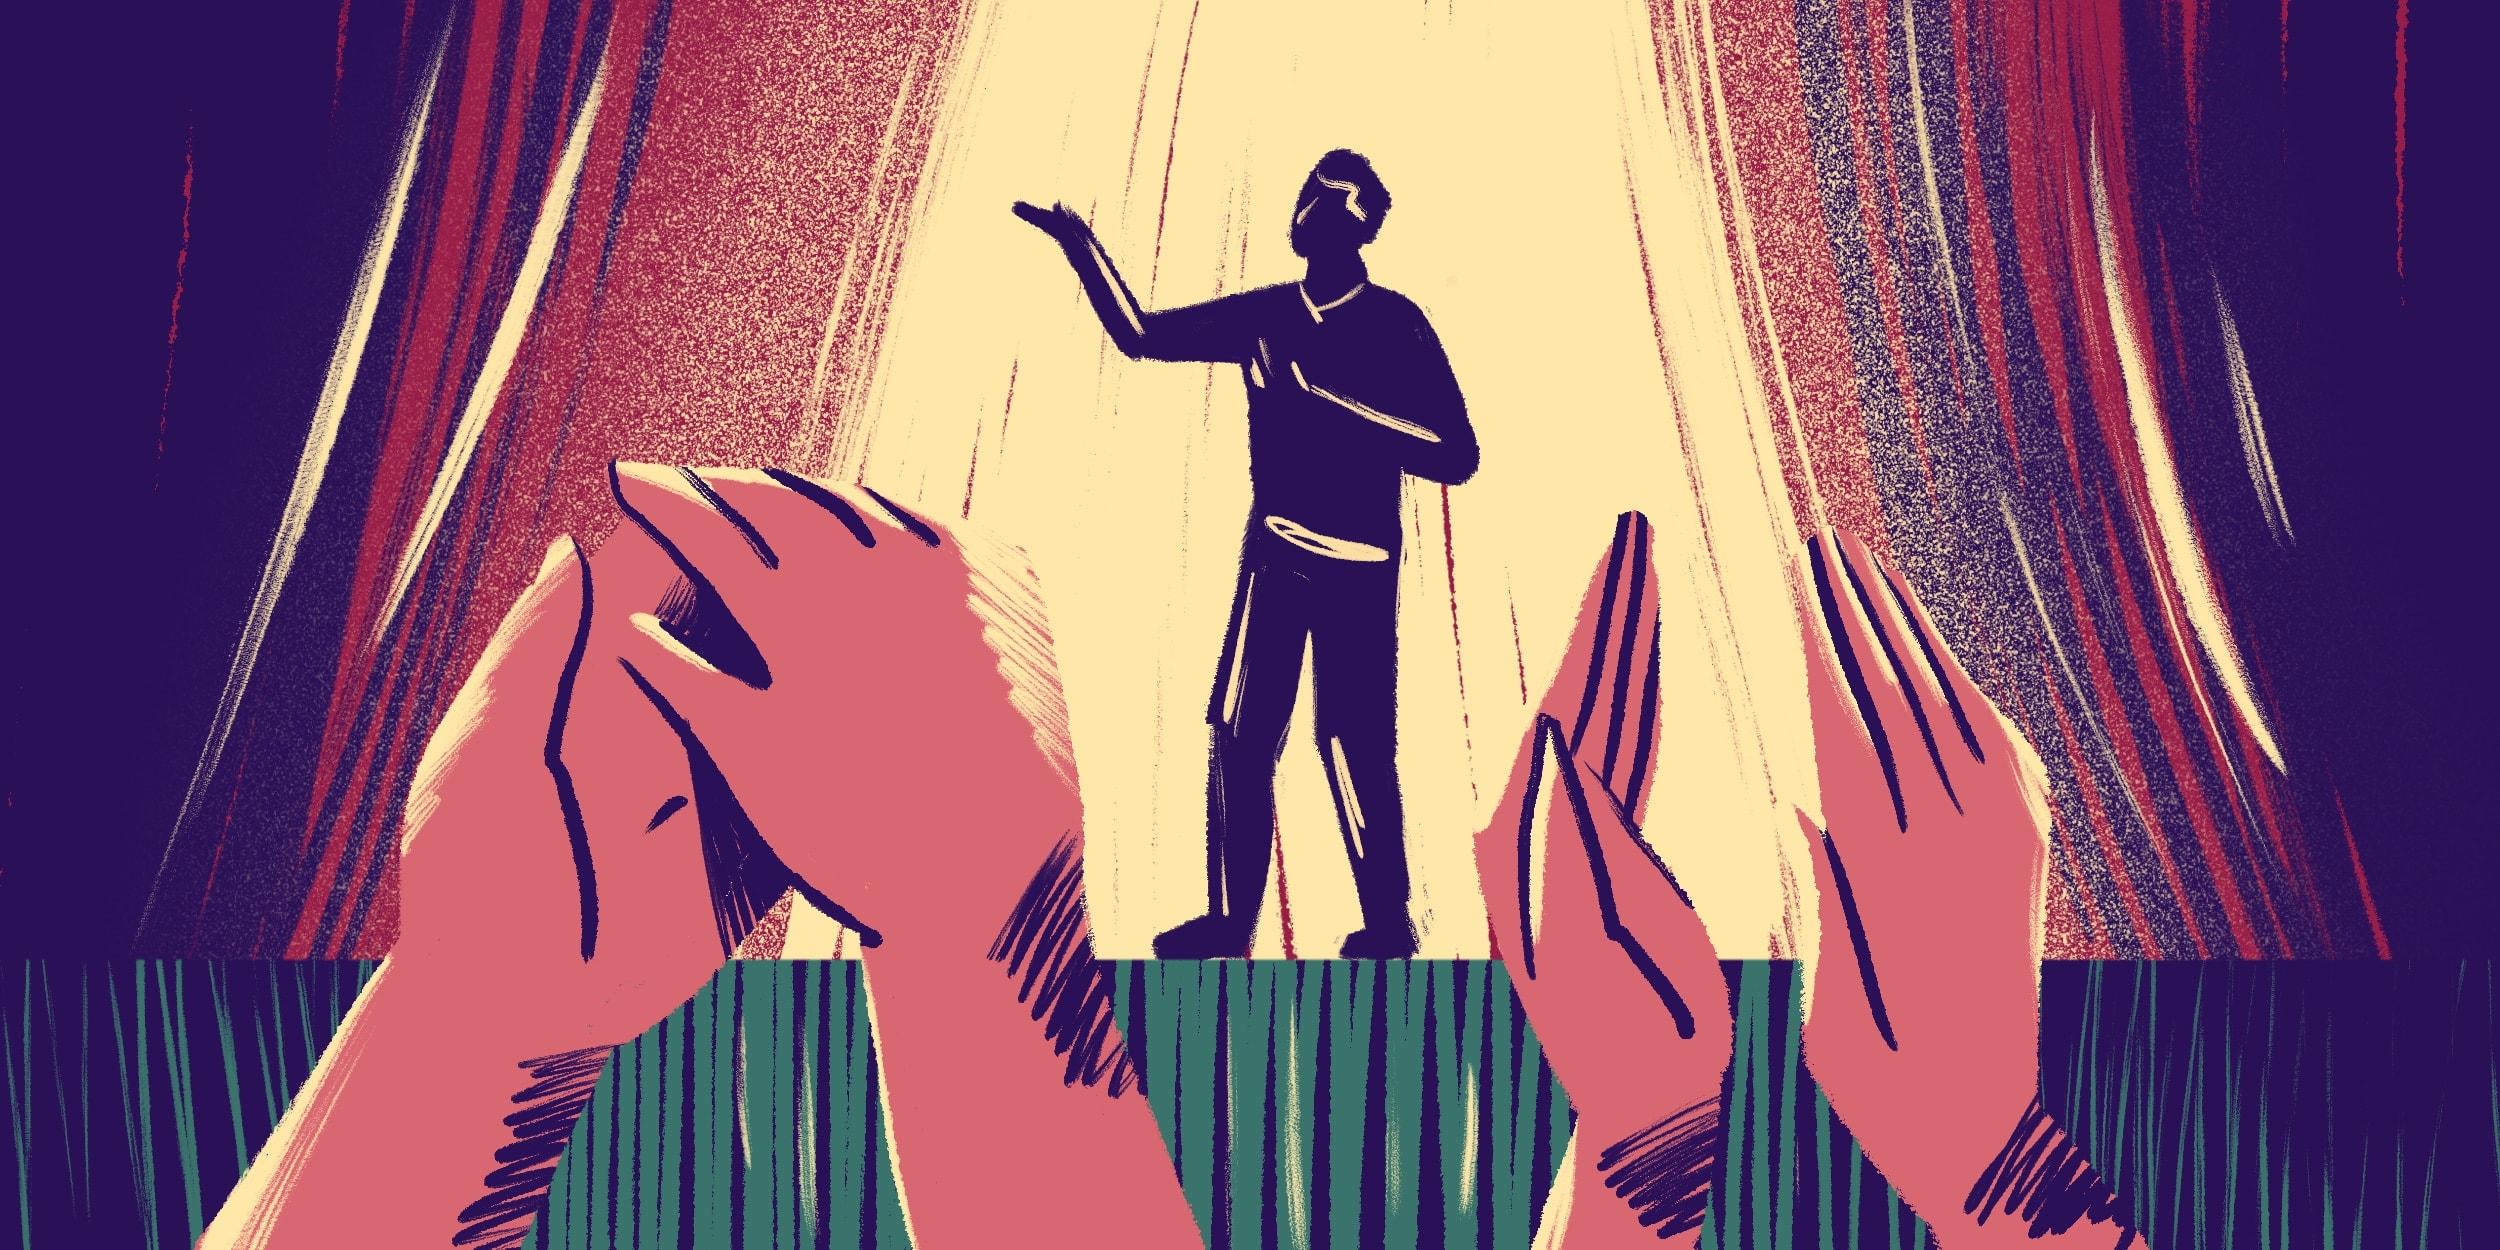 Психология: харизма - бесплатные статьи по психологии в доме солнца